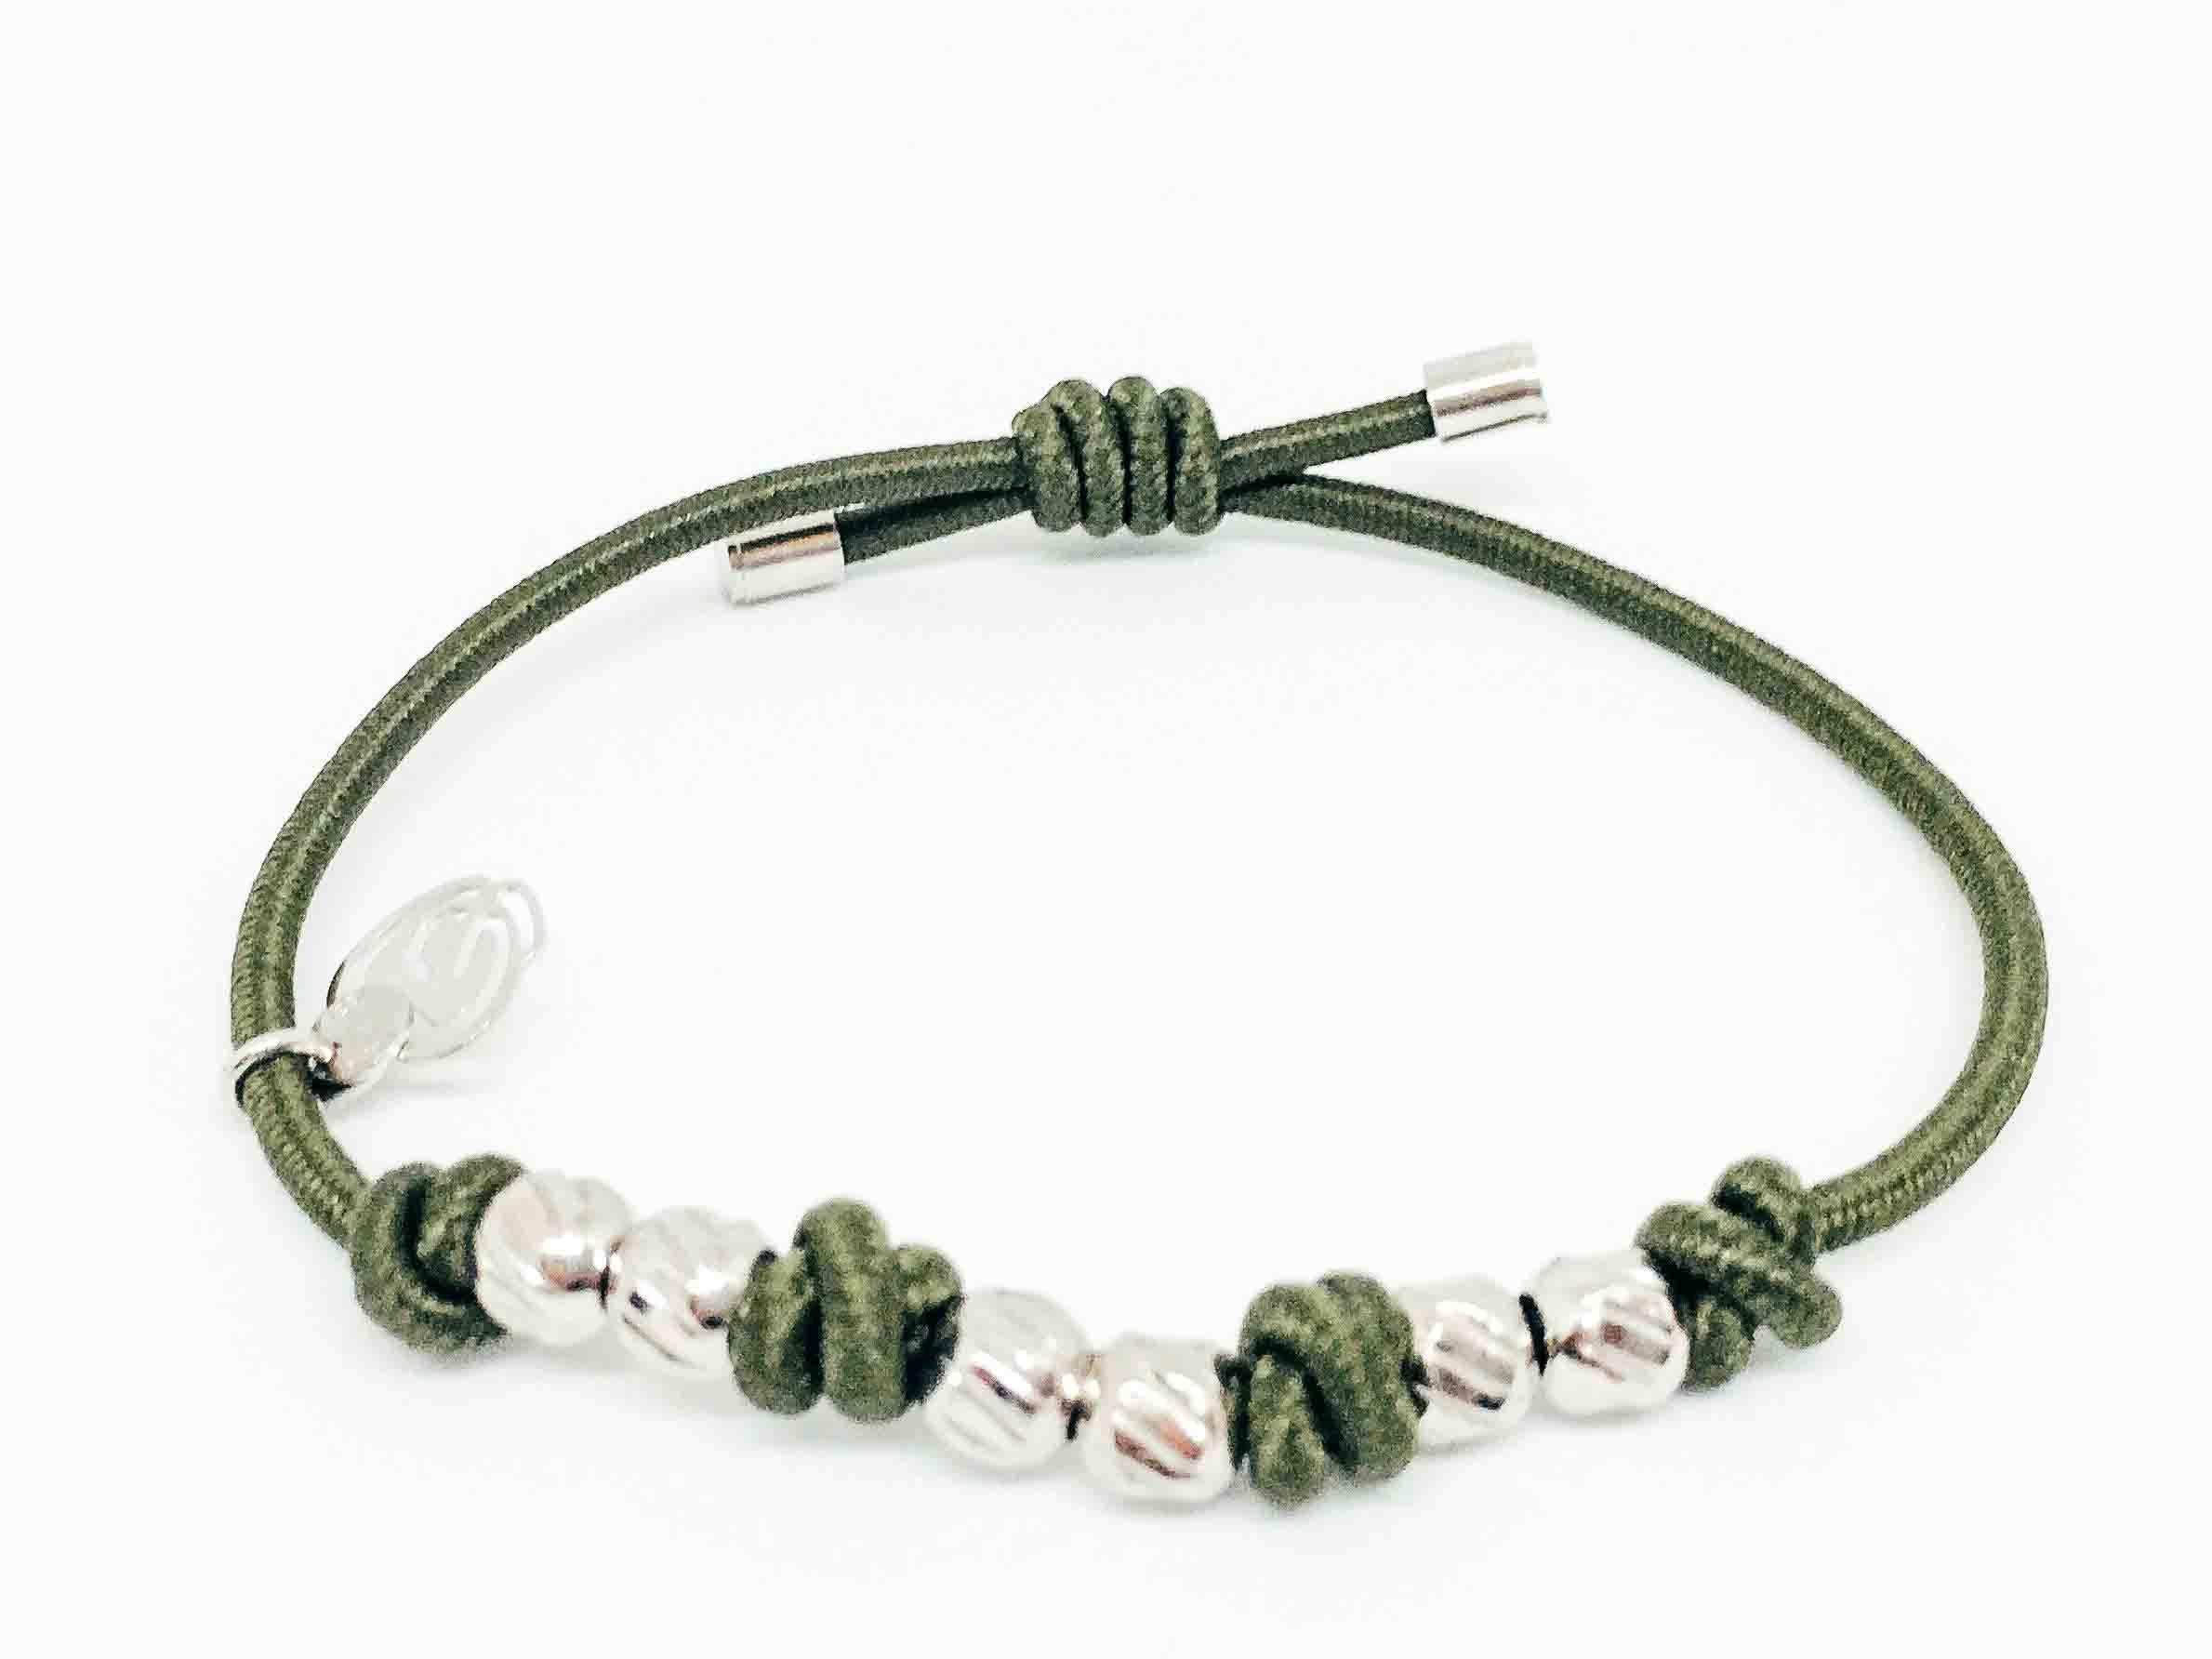 Bracciale-verde-per-capelli ed argento